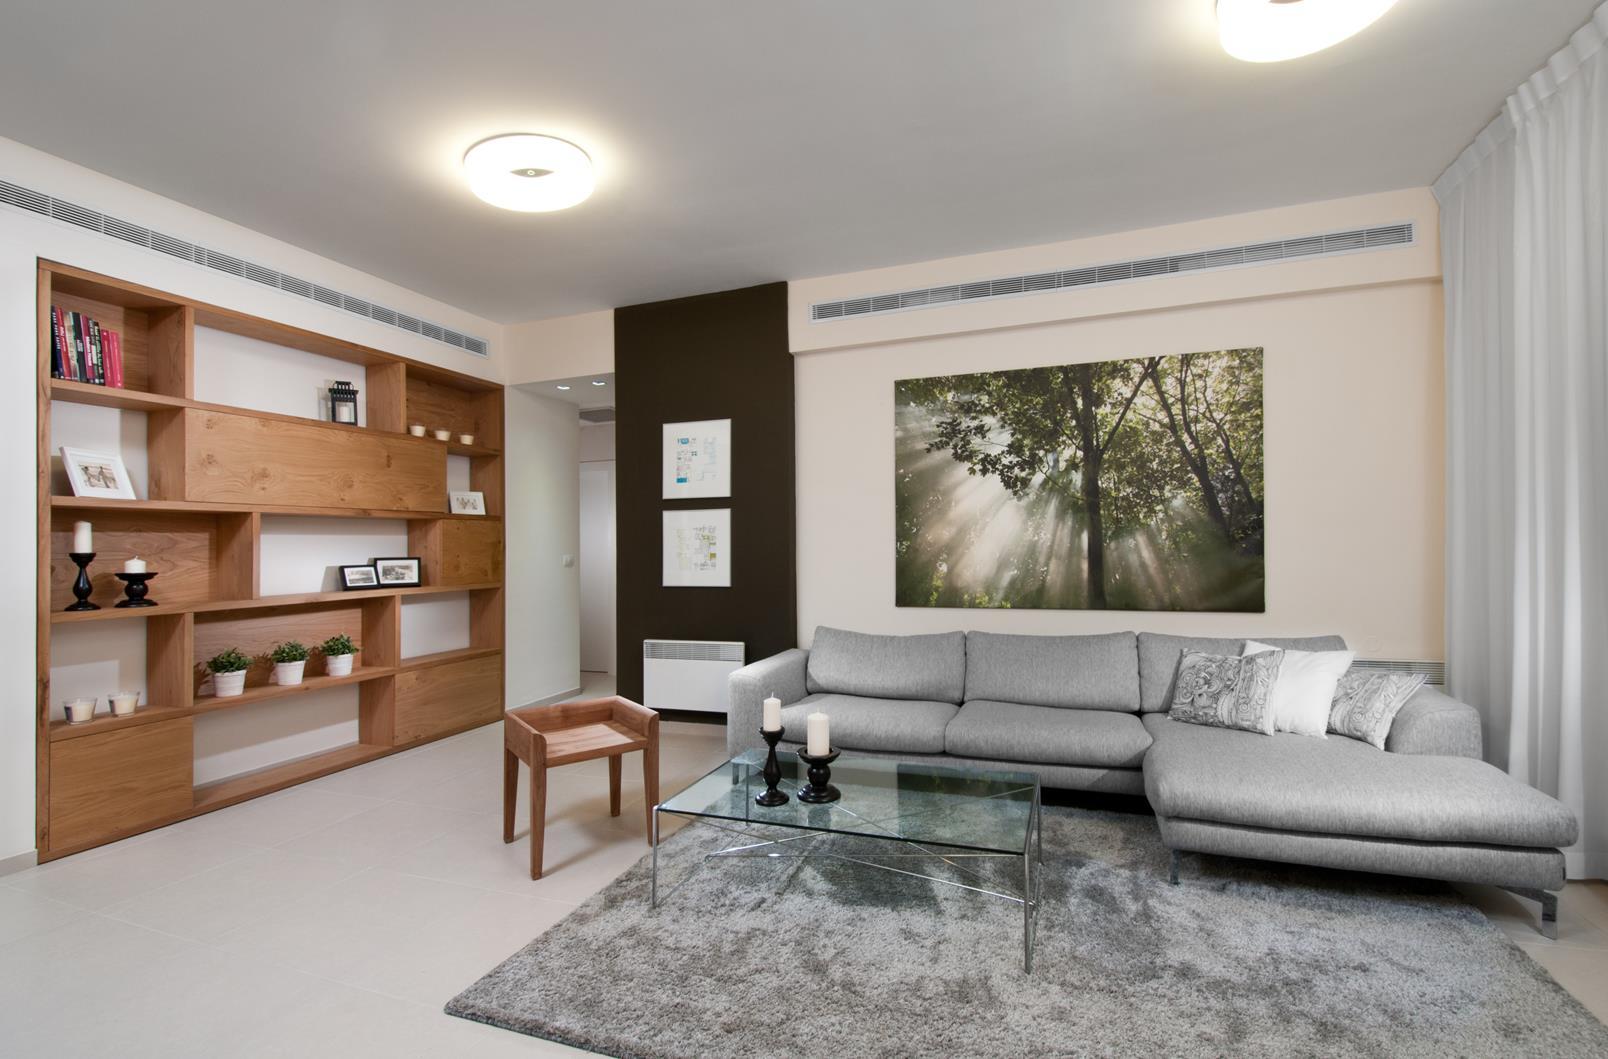 Appartements dans projet neuf de 3 6 pi ces arnona for Projet appartement neuf